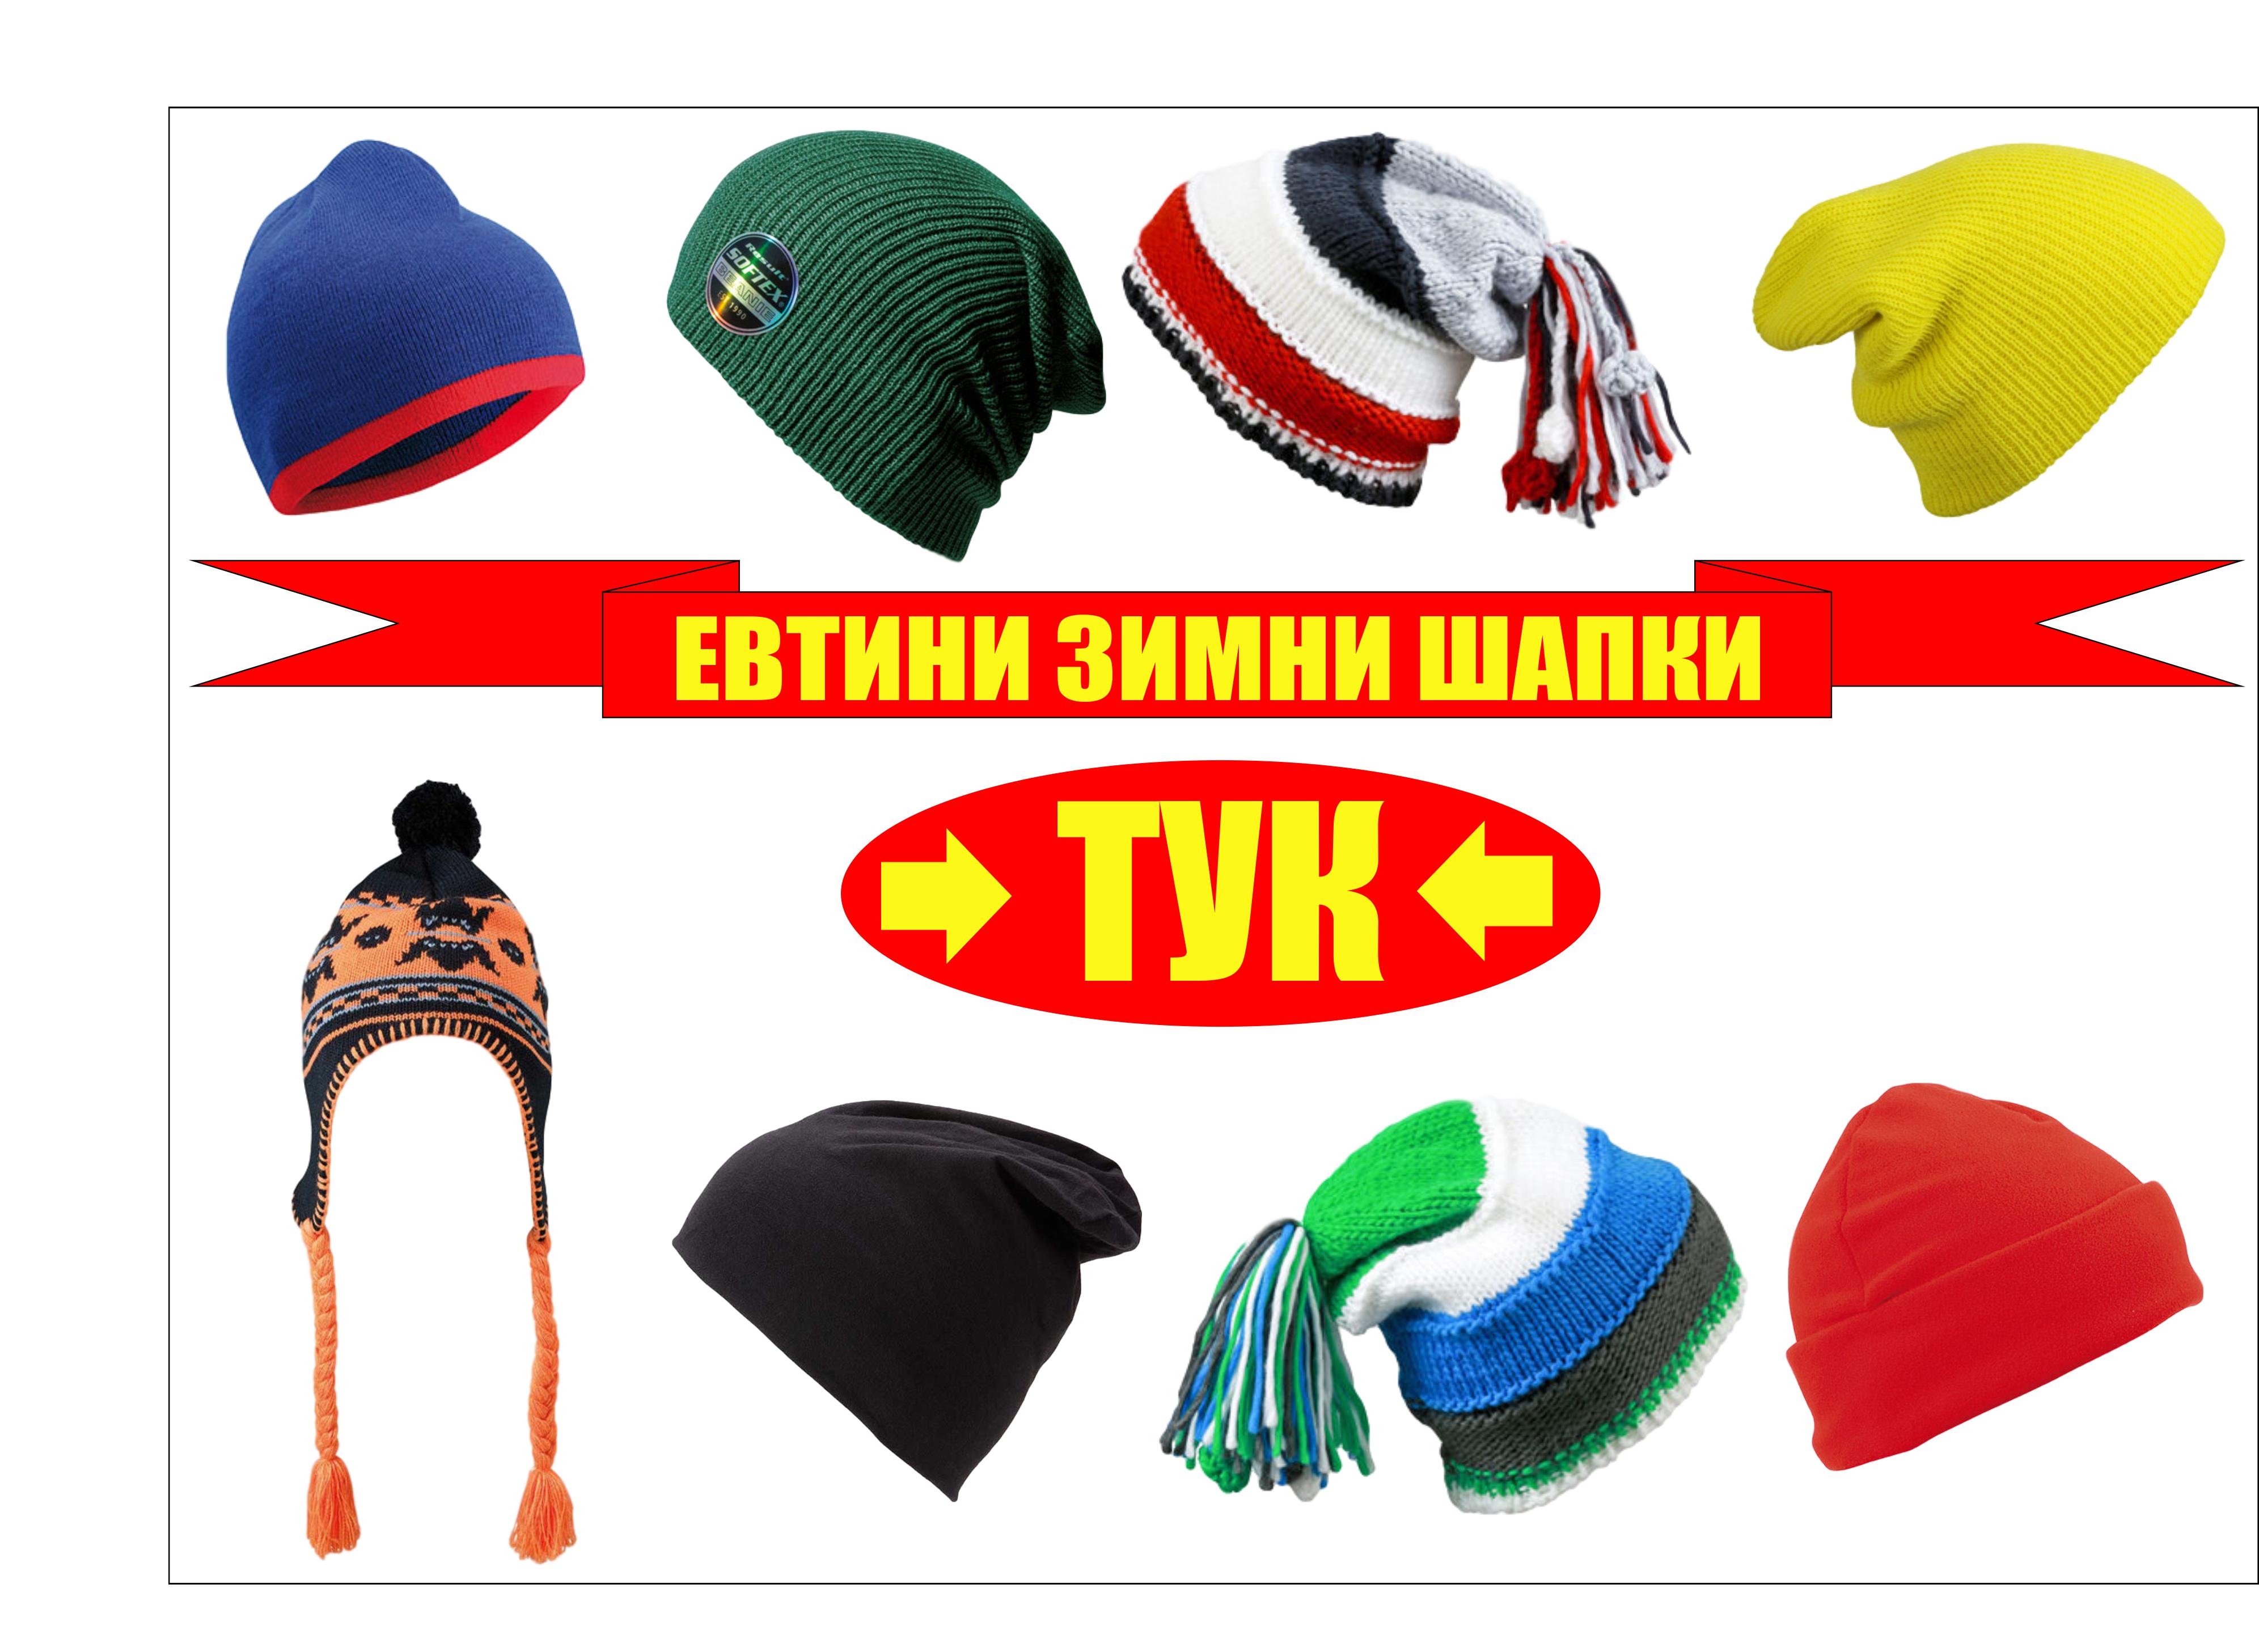 c175c0c6d4b В онлайн магазин Podarisi.com, може да намерите голямо разнообразие на  дамски, мъжки и детски шапки. Нашите евтини зимни шапки са в различни  стилове и форми ...